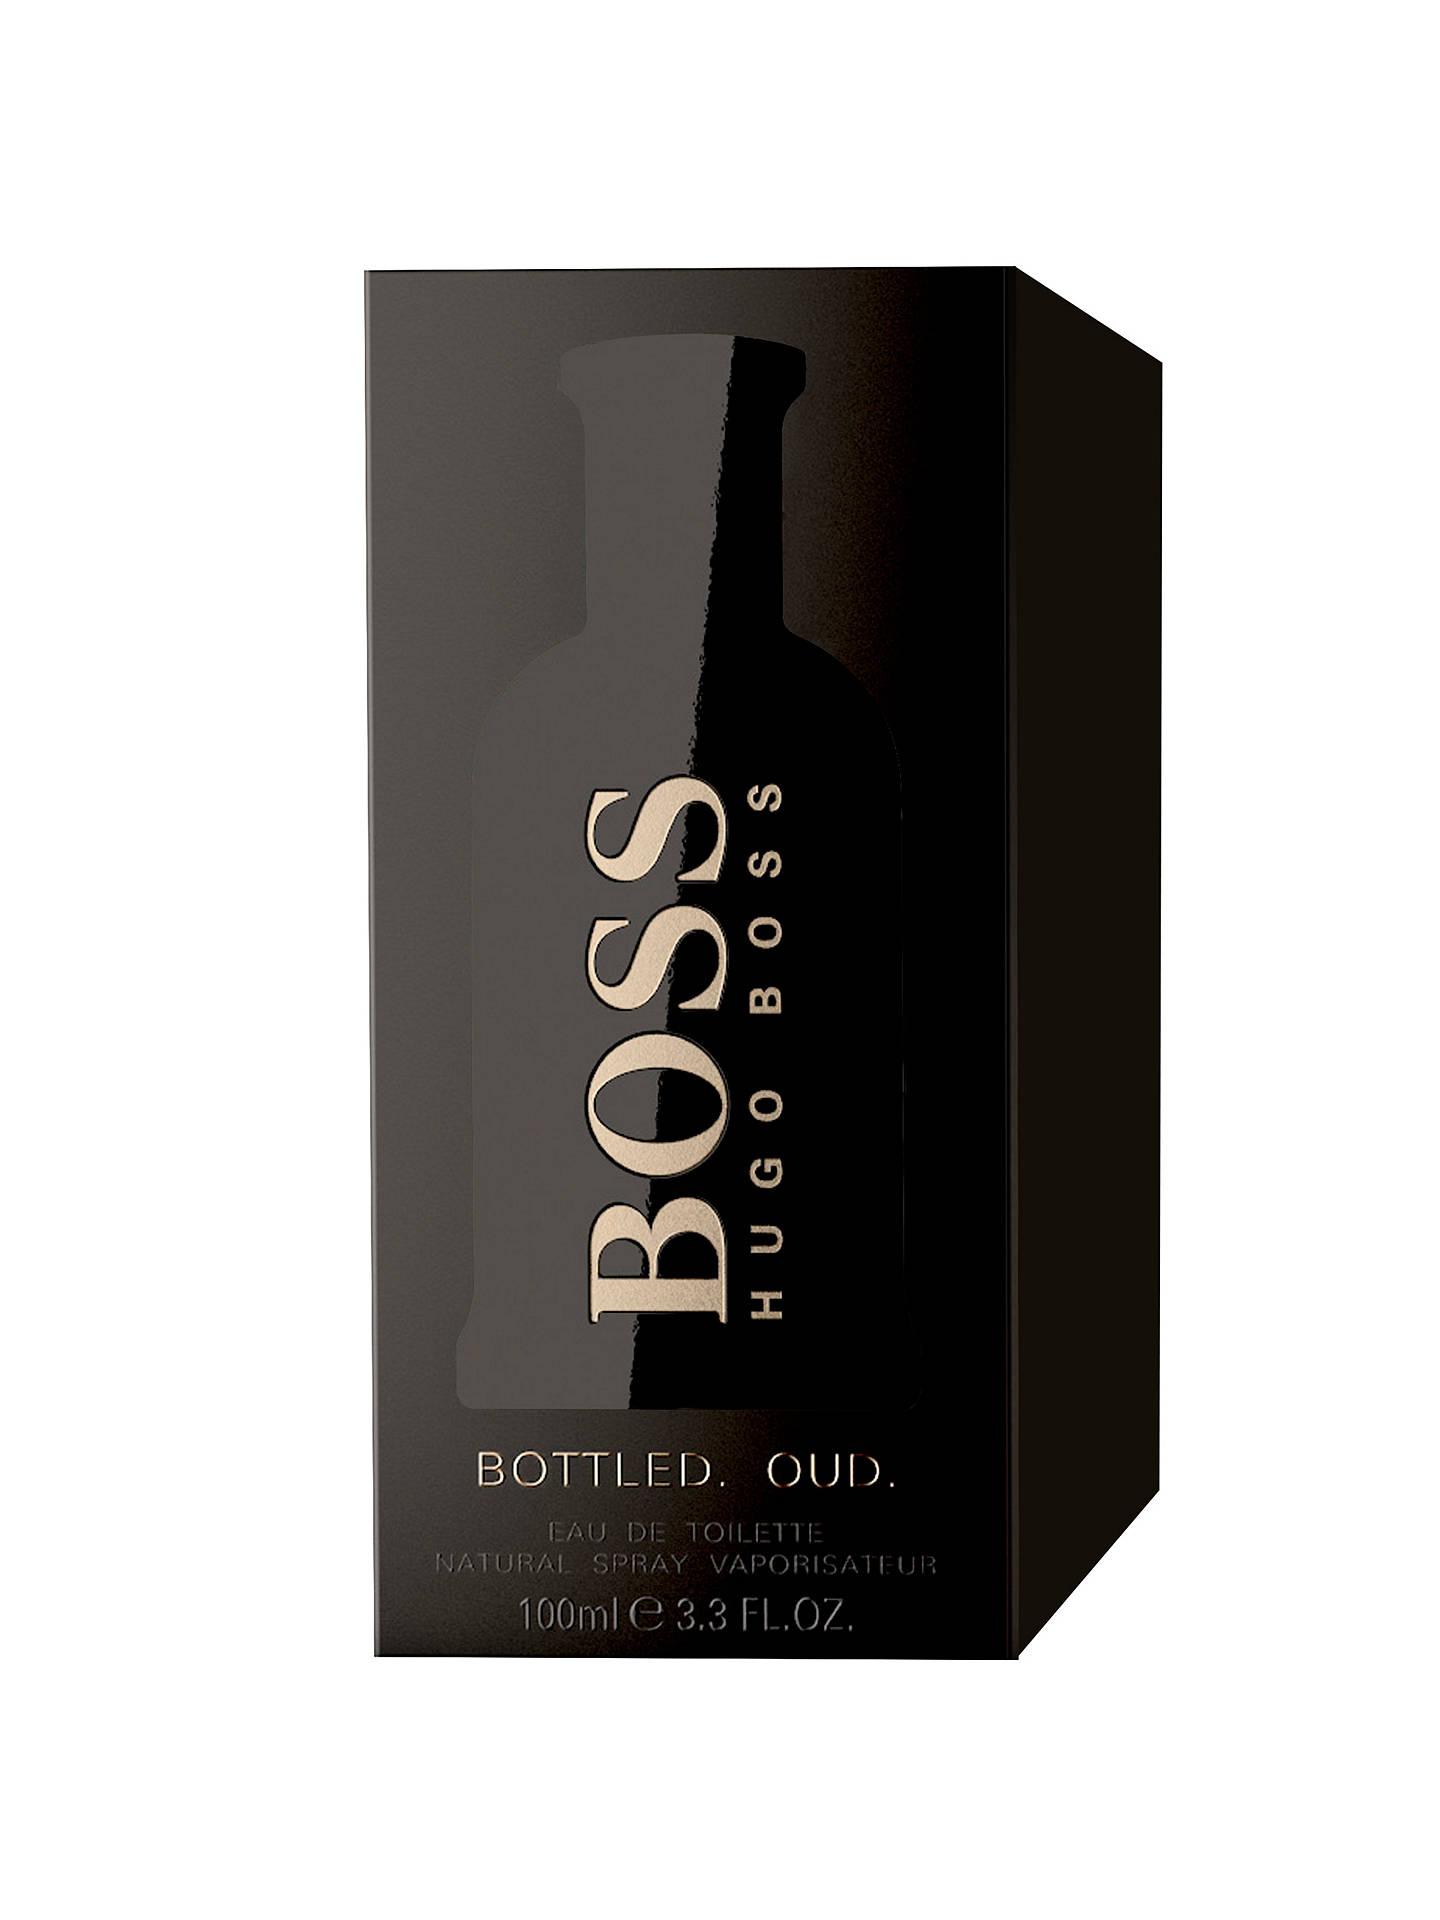 fcbd26eb4f0 ... Buy HUGO BOSS BOSS Bottled Oud Eau de Parfum, 100ml Online at  johnlewis.com ...